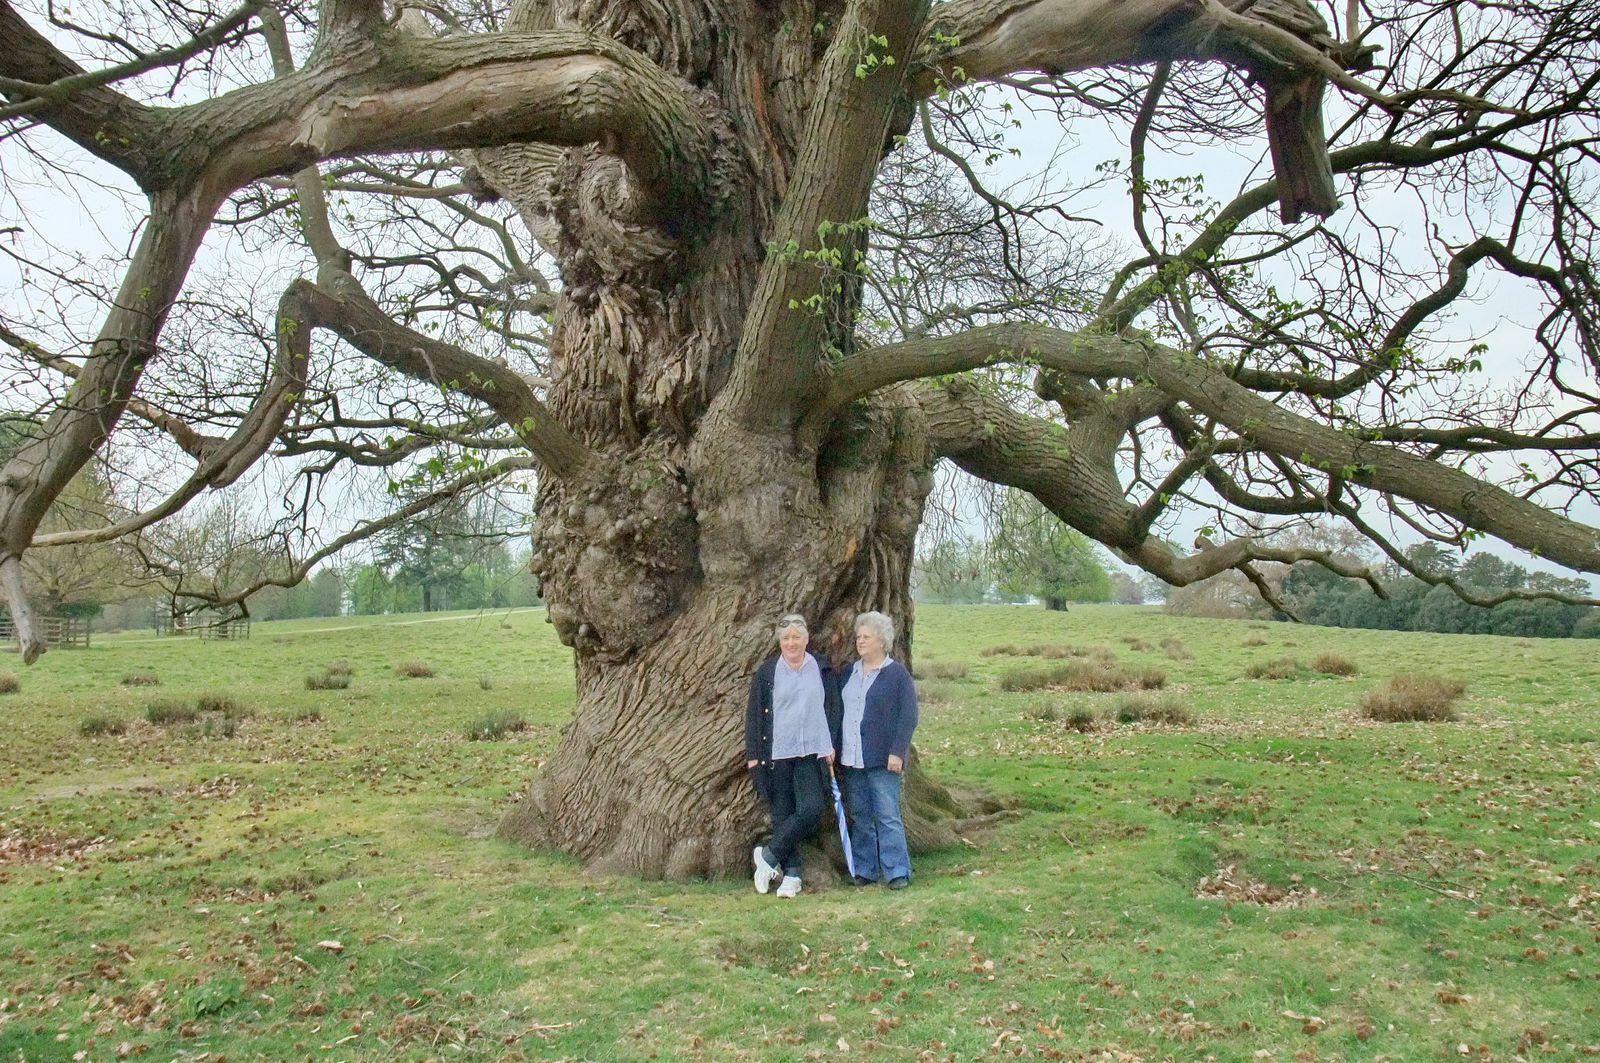 Petworth Park, Tillington, Wetrs-Sussex England